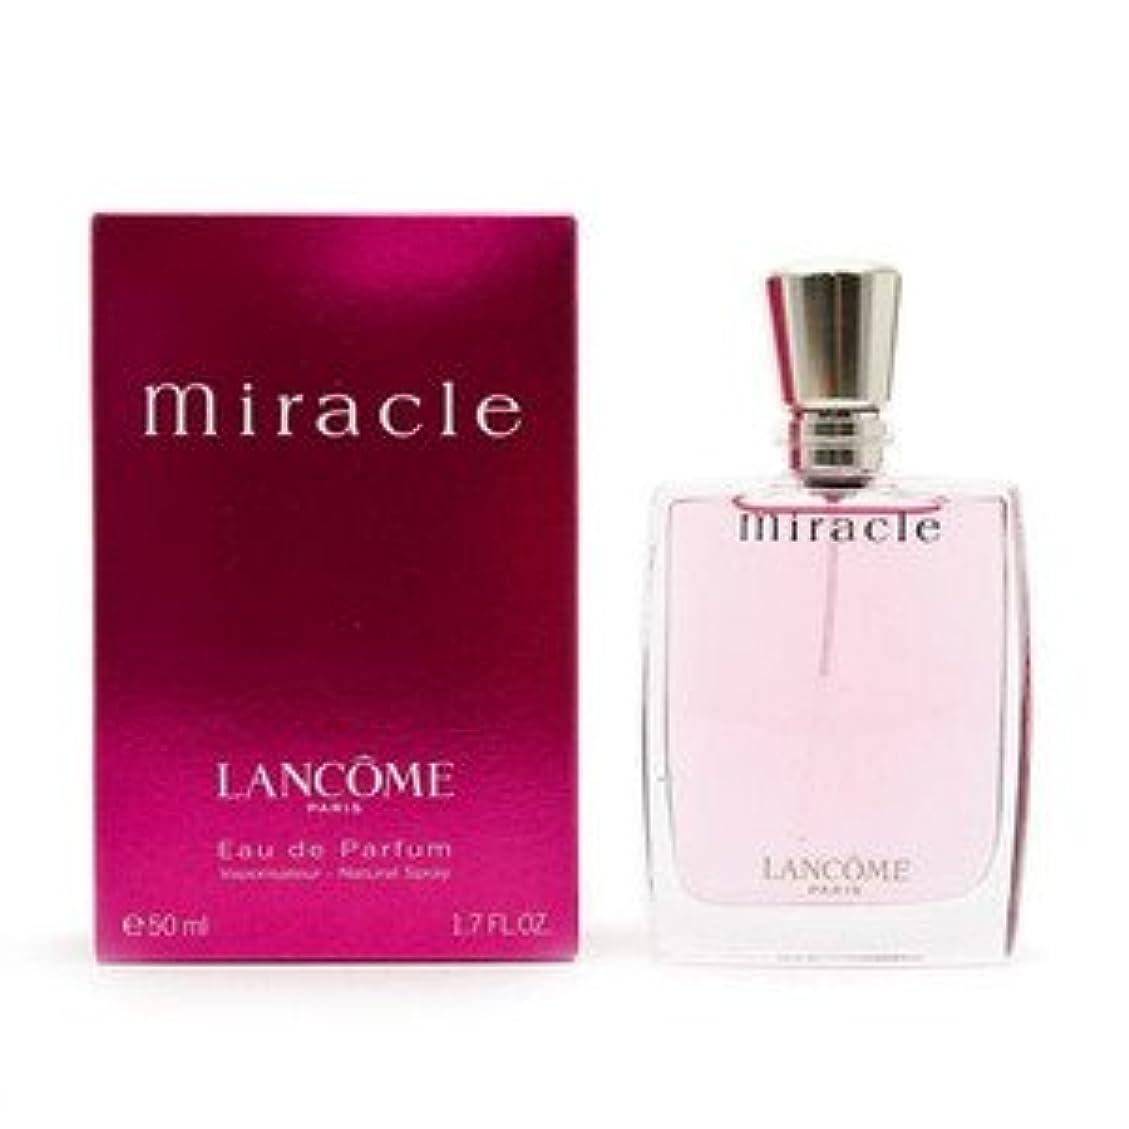 保存する非公式救出ランコム LANCOME ミラク オードパルファム EDP 50mL 香水